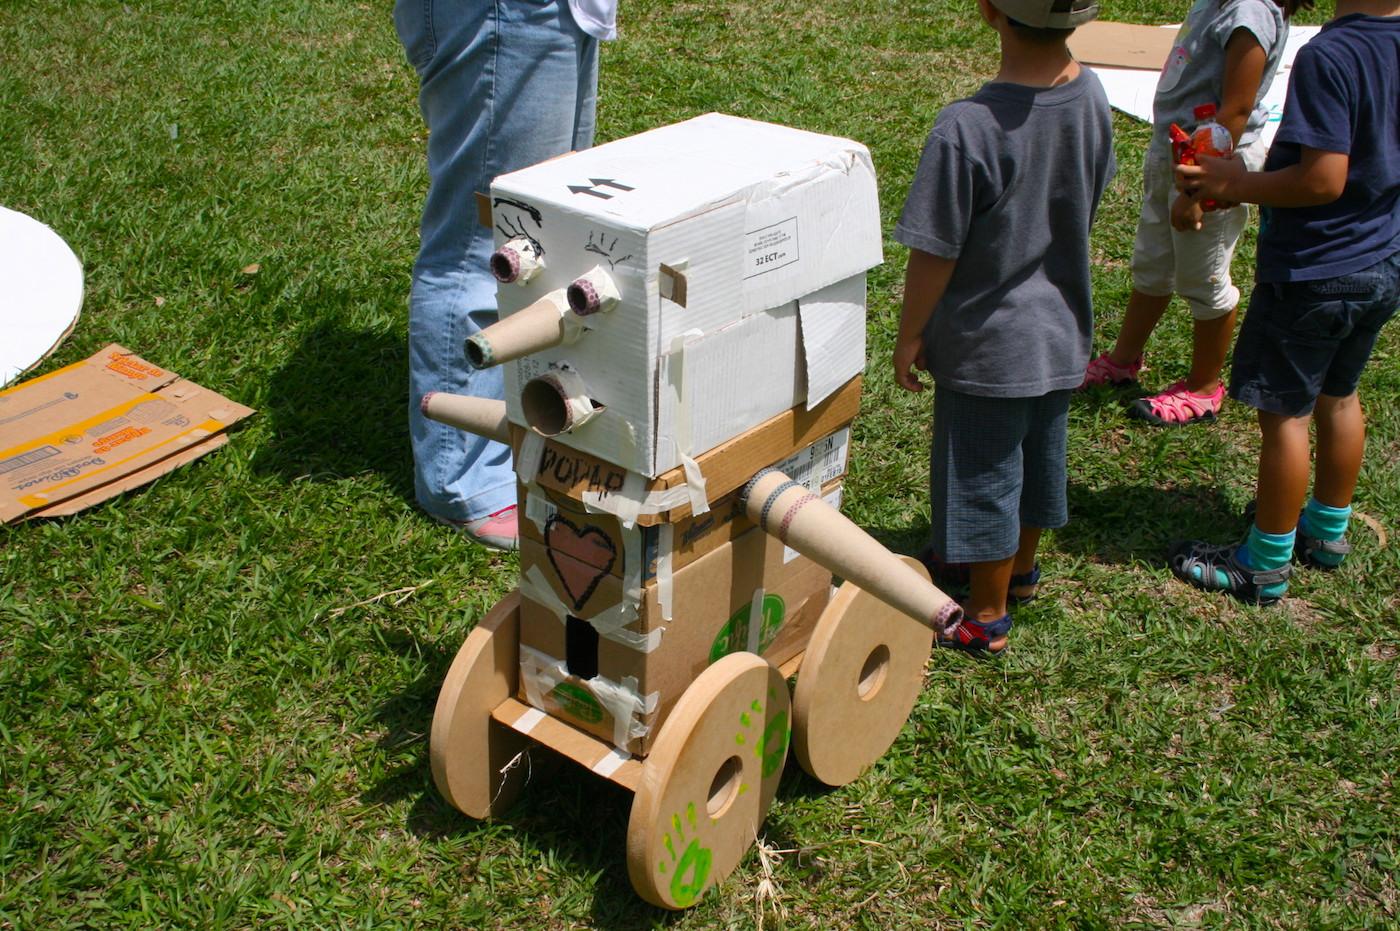 Robot creado por una familia - Pop Up Playground San Sebastián 2015